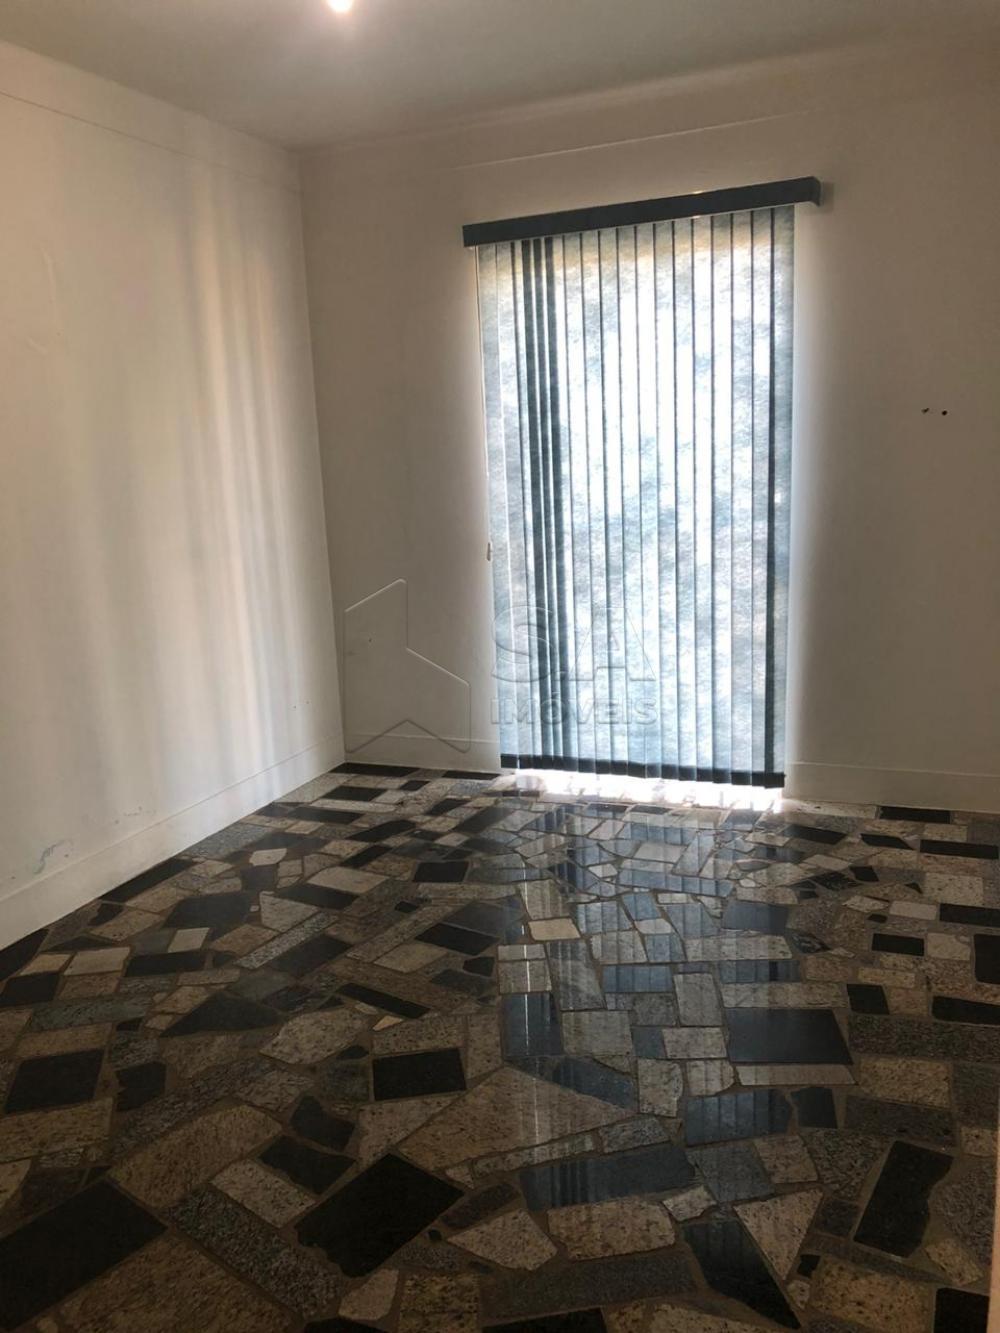 Comprar Casa / Padrão em Botucatu apenas R$ 350.000,00 - Foto 4